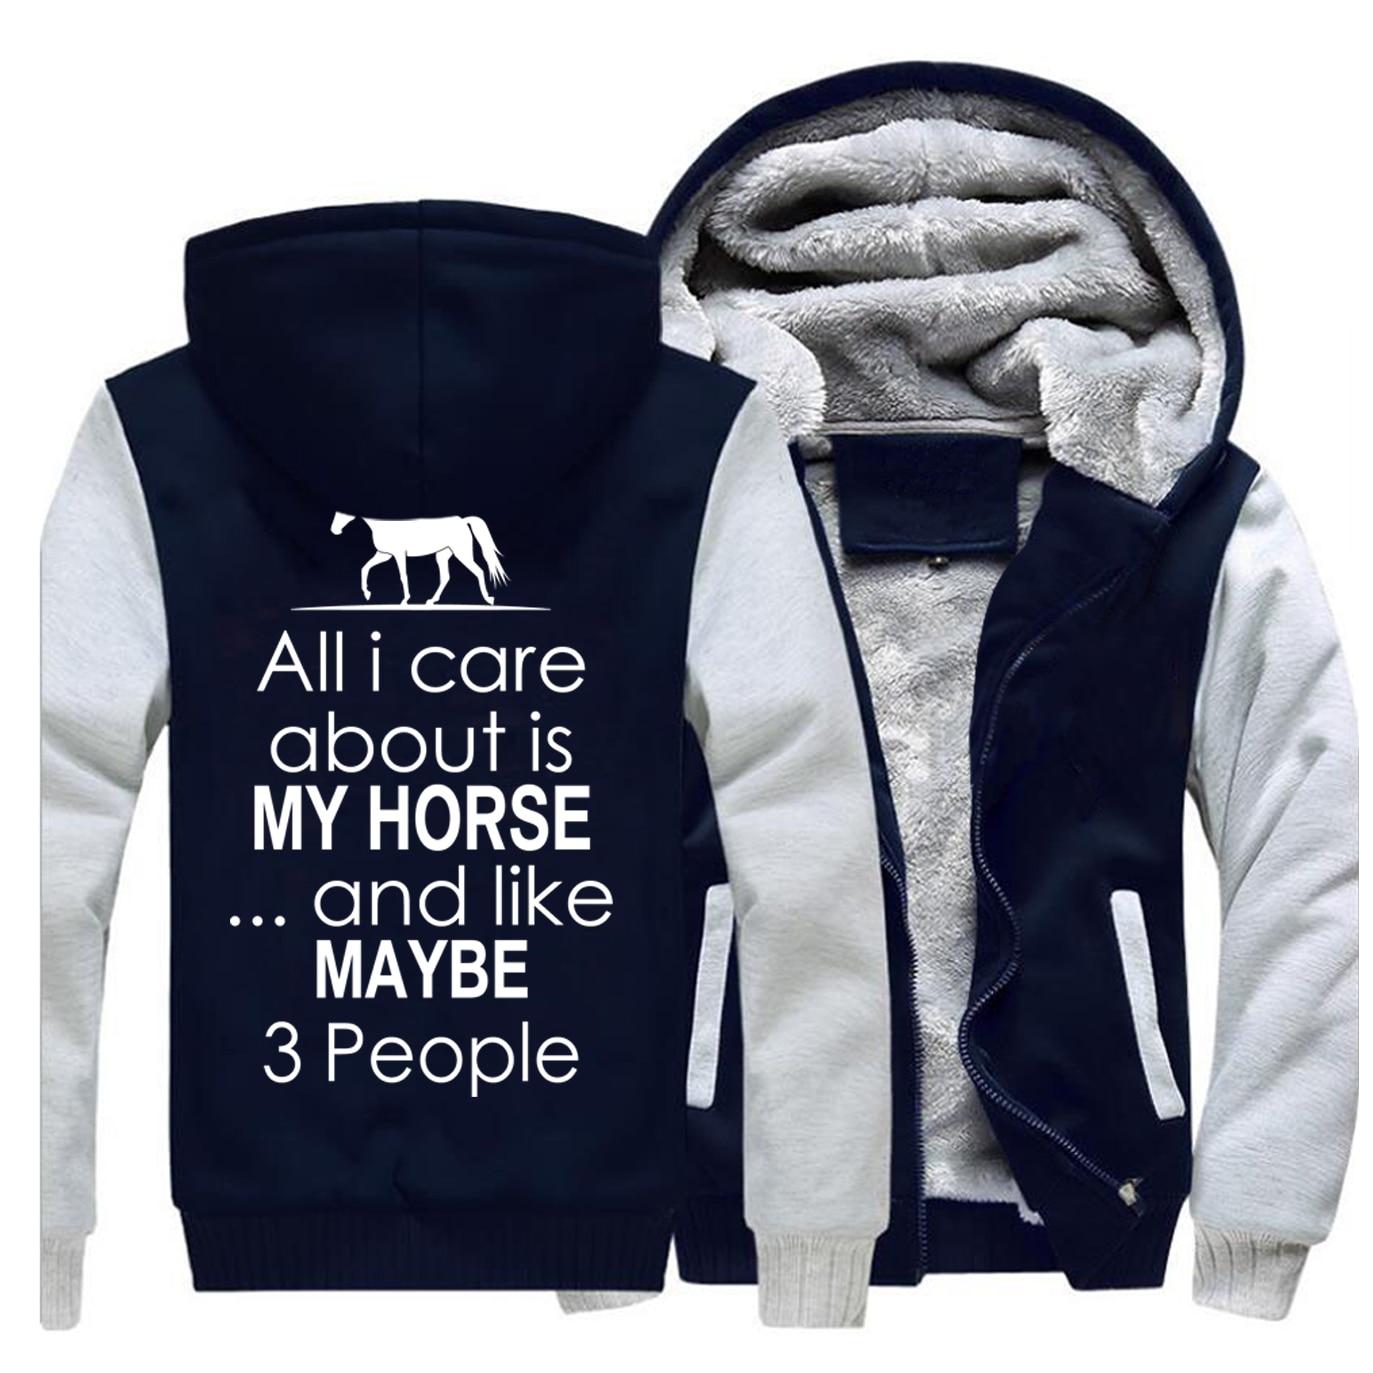 Wszystko, co dbam o to, czy mojego konia I podobnego przestępstwa może być 3 osób druku bluzy z kapturem bluza 2019 zima kamizelka moda zipper Streetwear